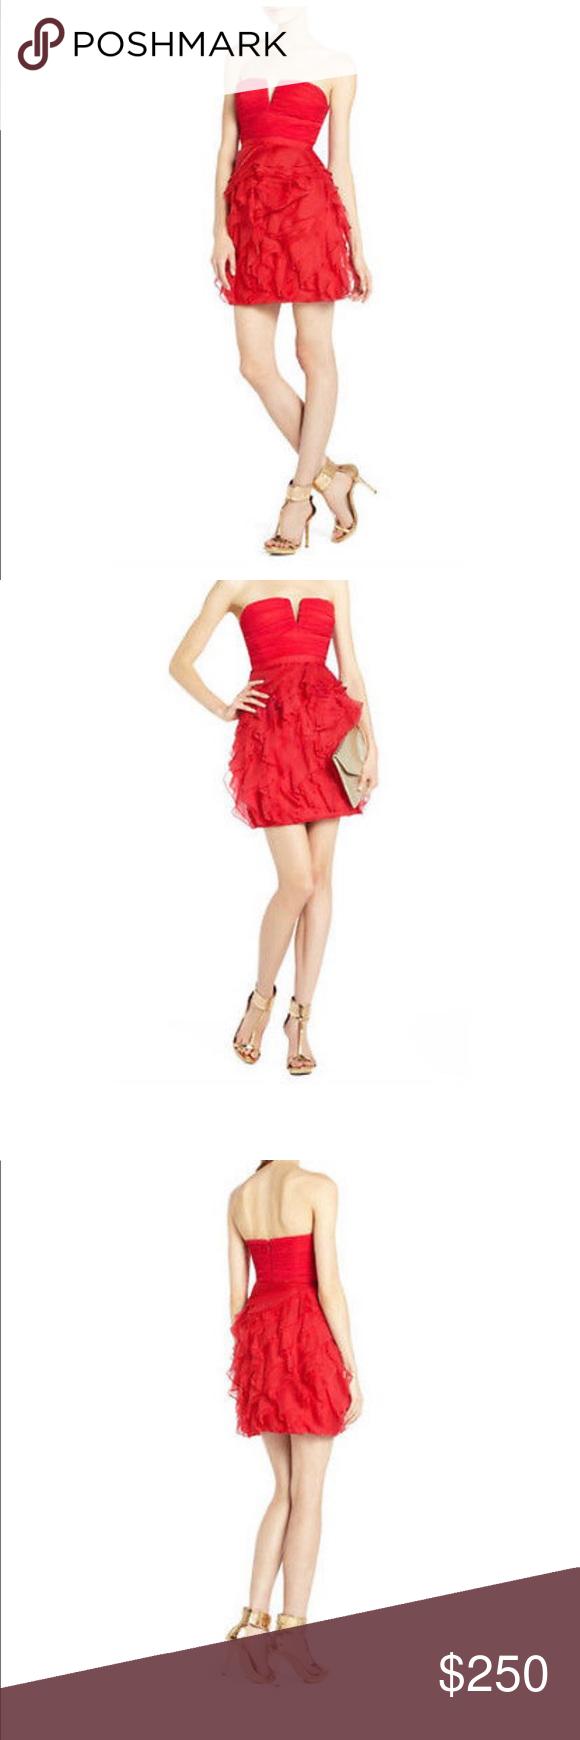 Bcbgmaxazria Women S Red Strapless Ruffle Dress Strapless Ruffle Dress Ruffle Dress Dresses [ 1740 x 580 Pixel ]